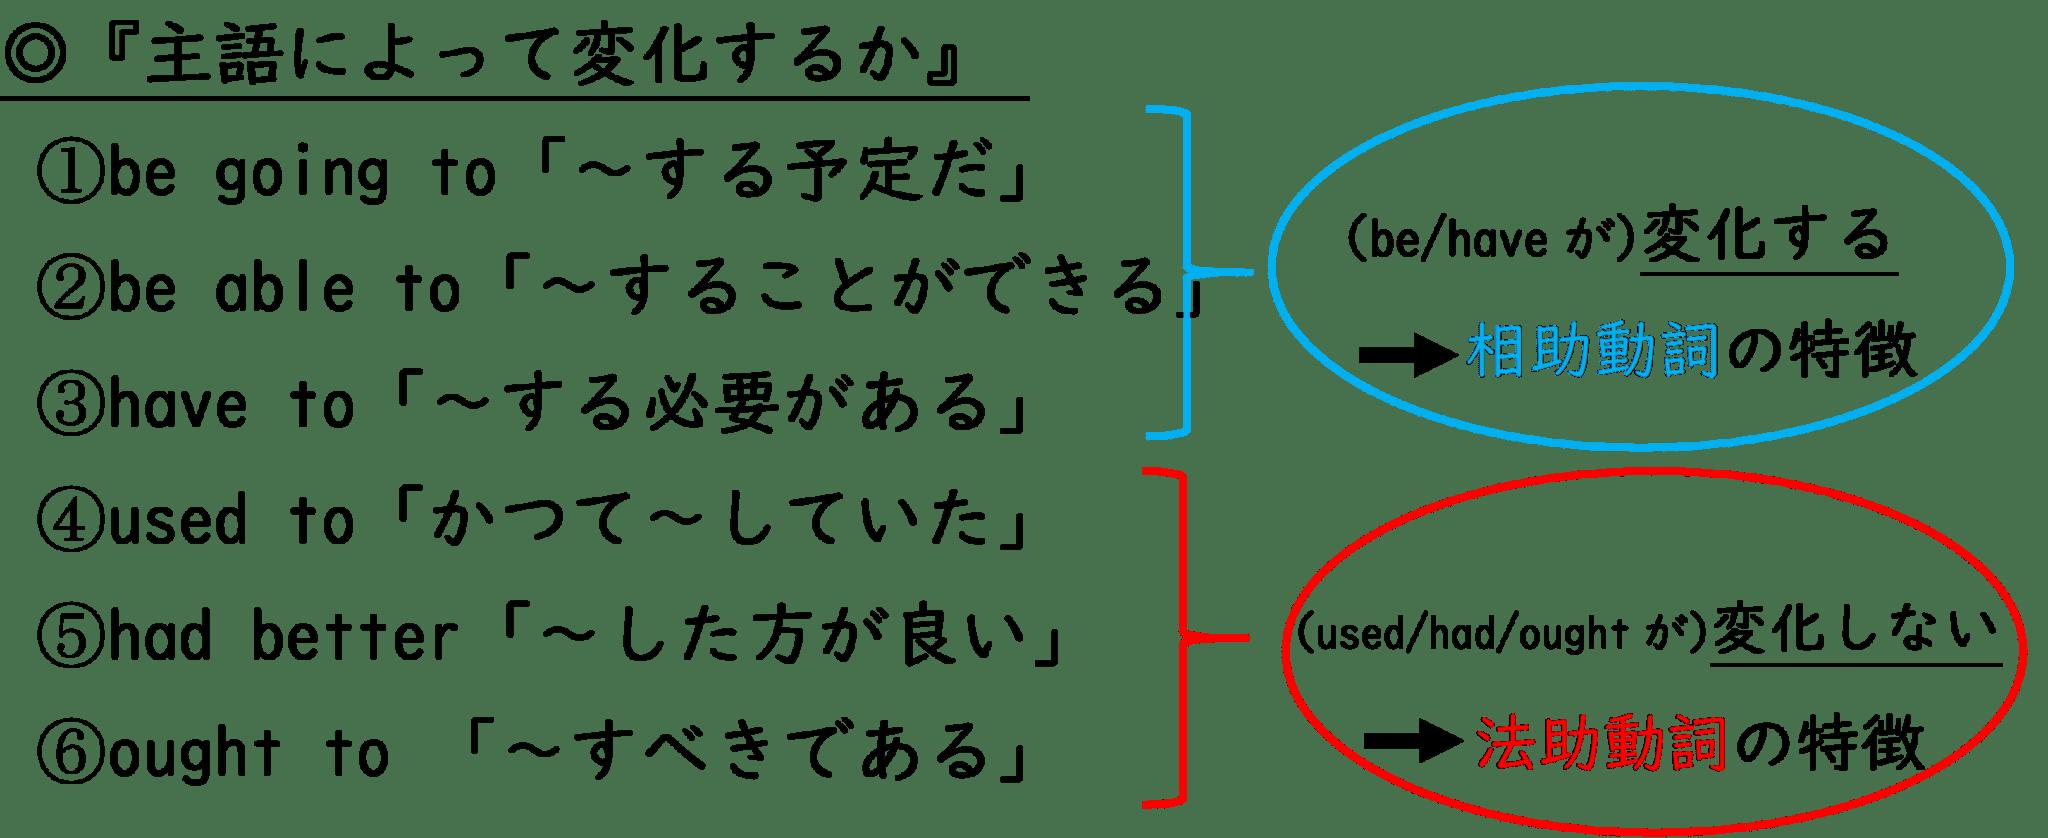 疑似法助動詞の特性